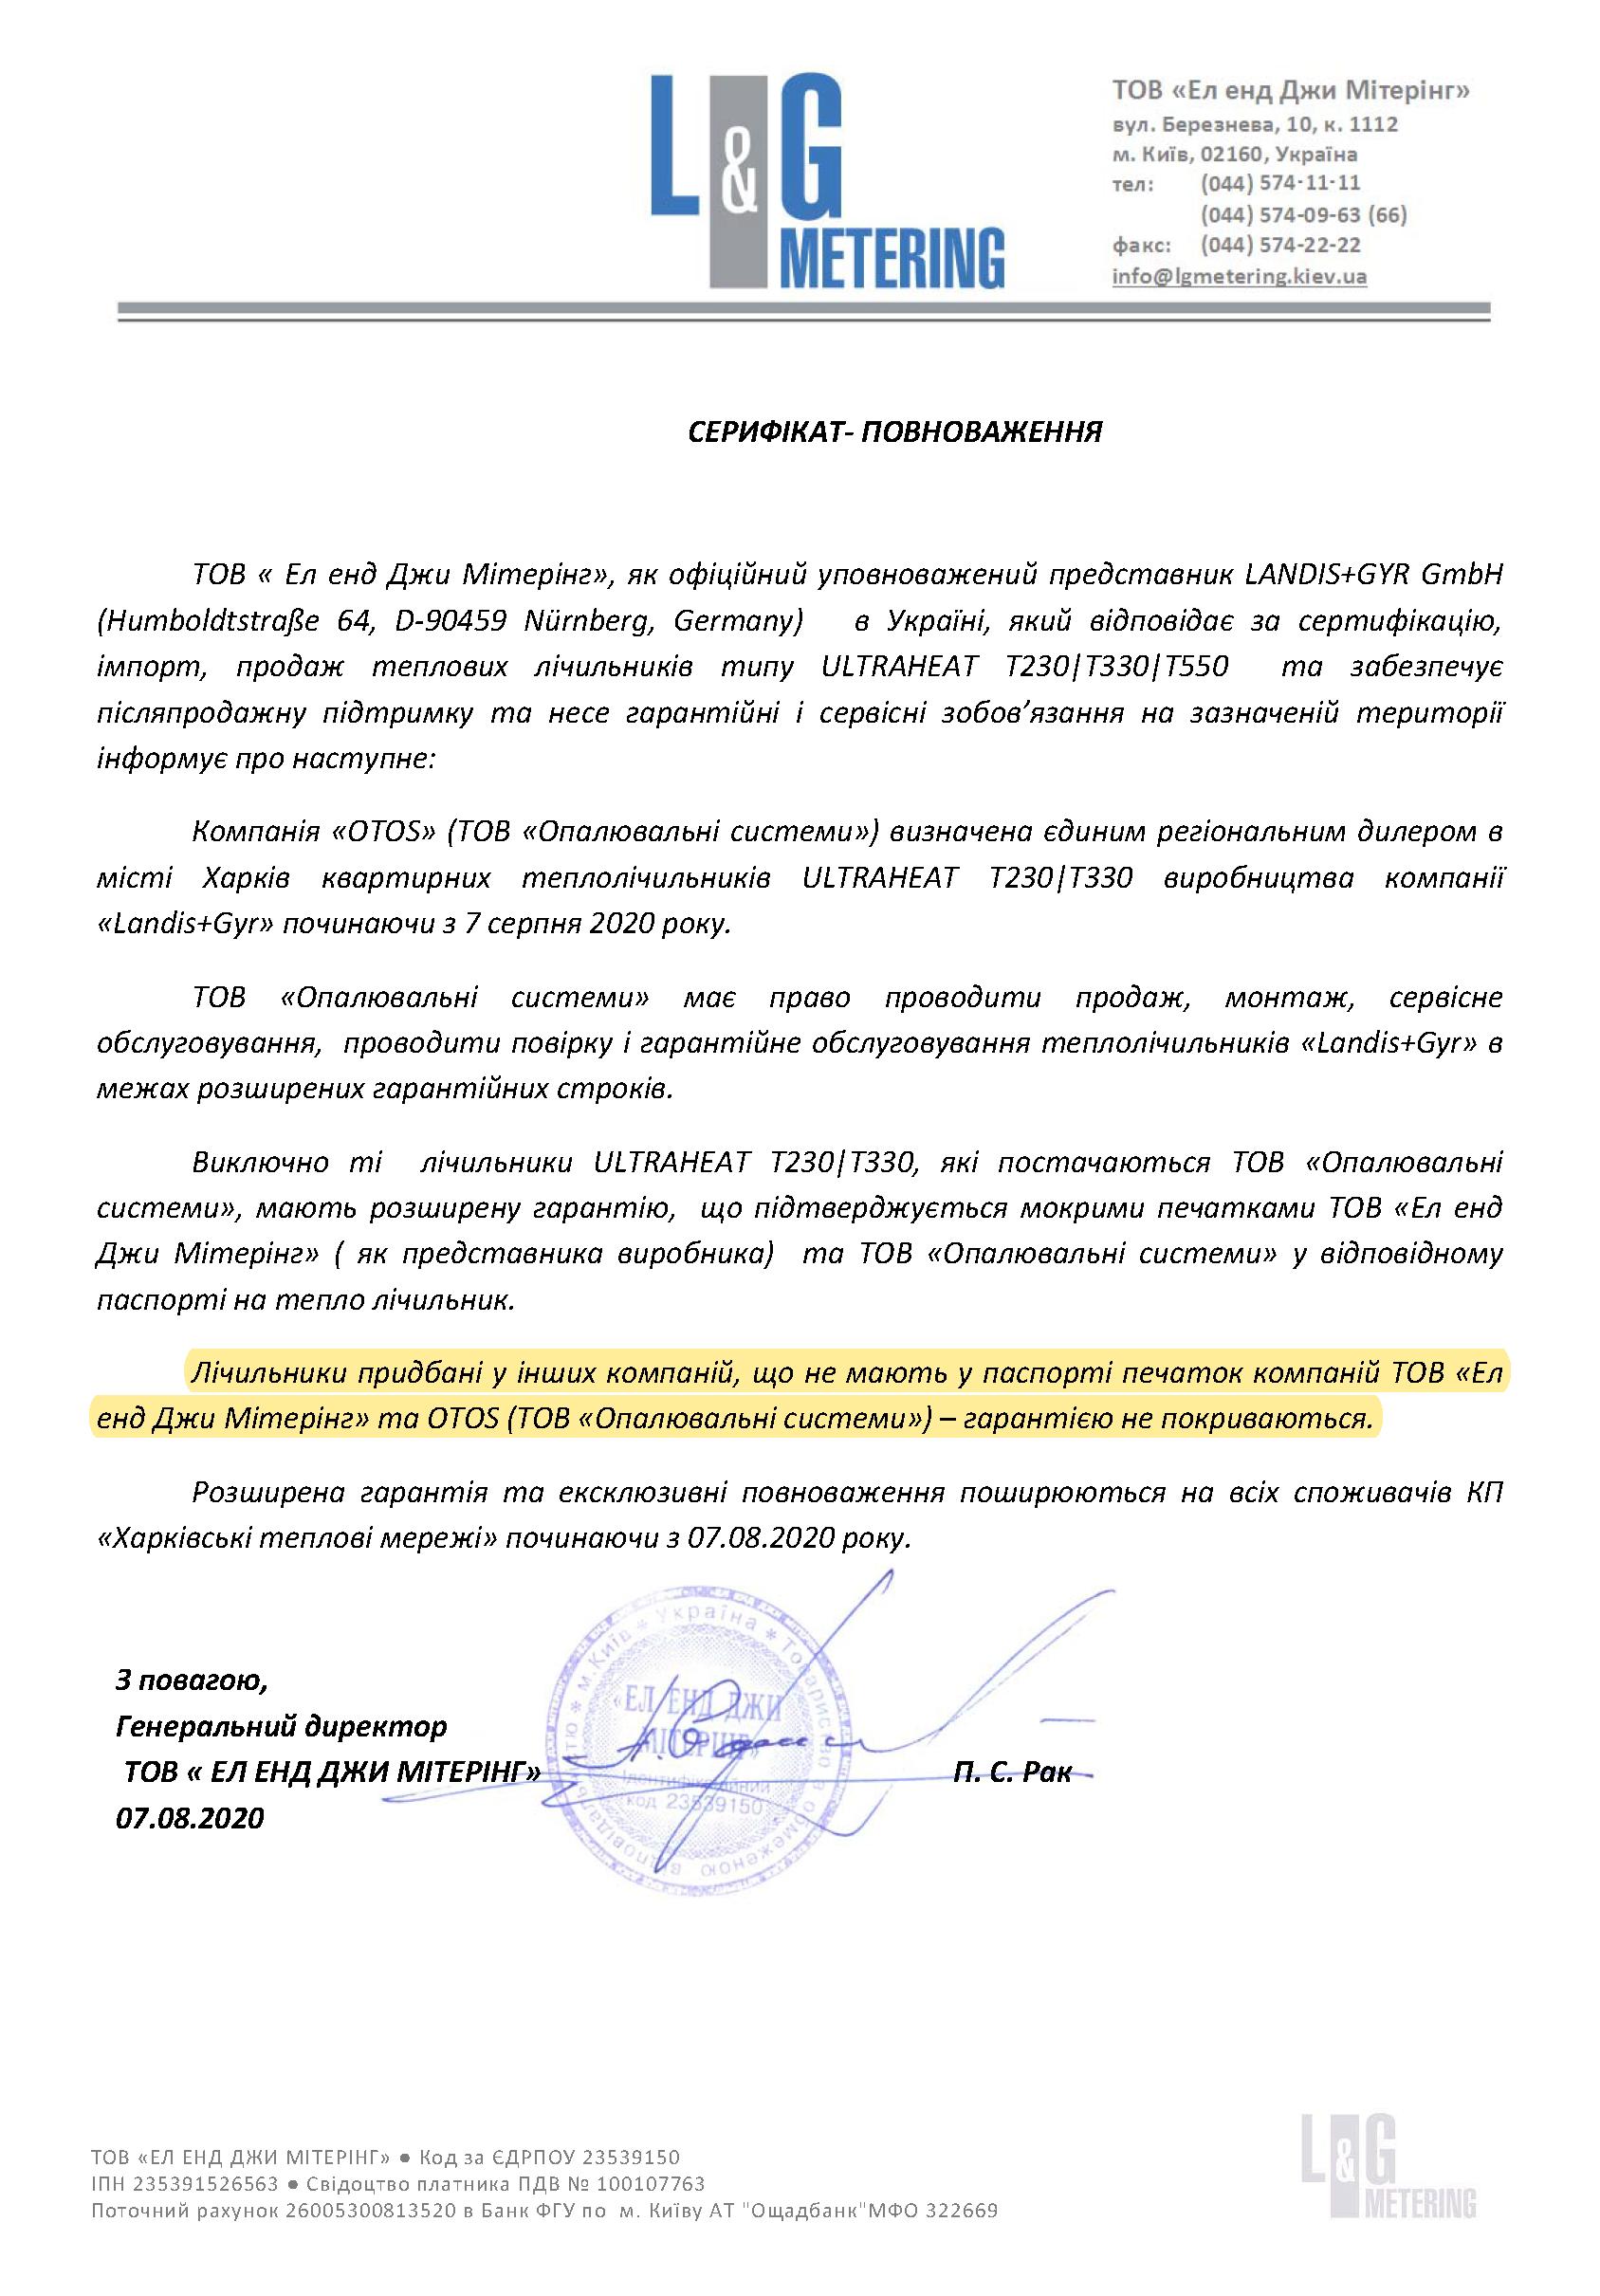 OTOS единственный региональныф представитель Landis&Gyr в Харькове